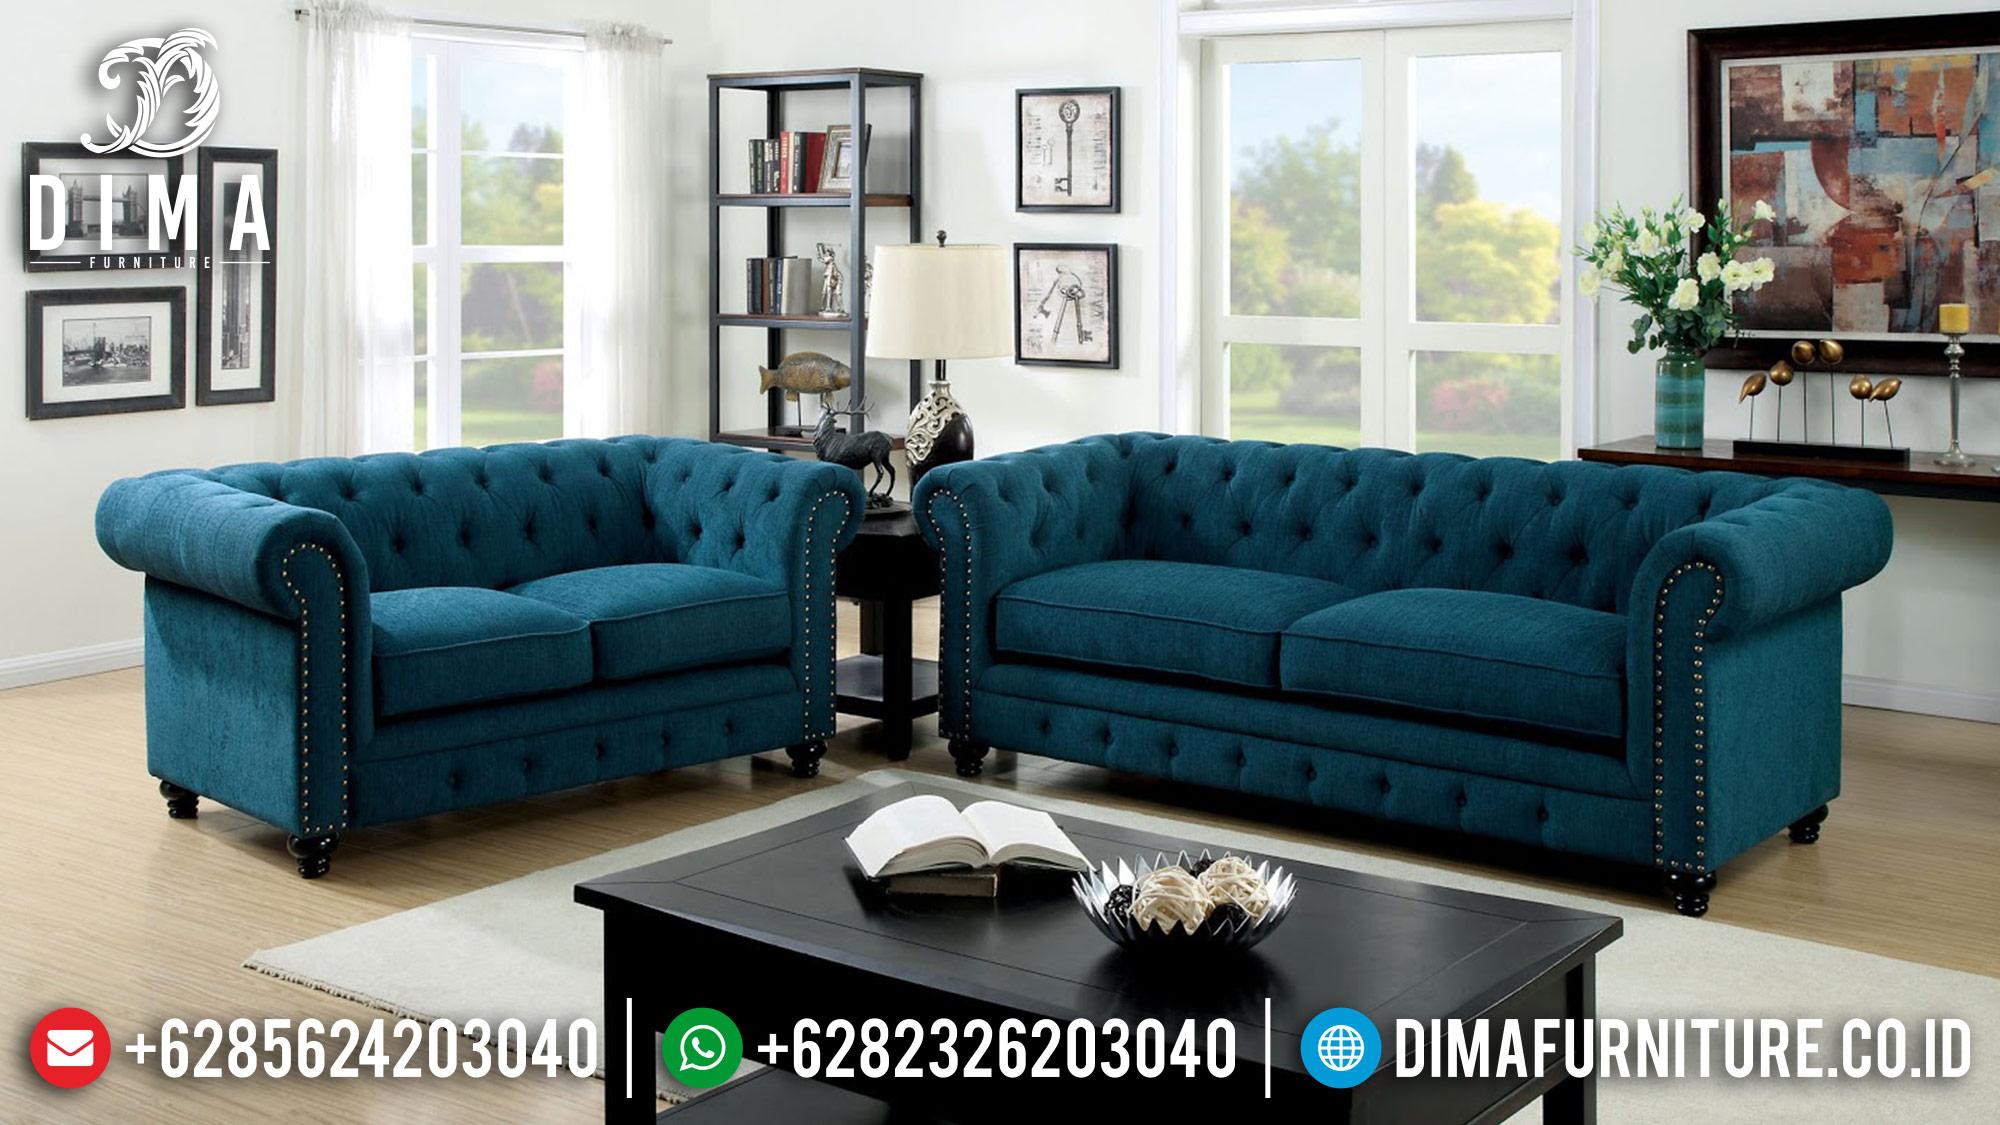 Sofa Tamu Mewah Terbaru, Kursi Tamu Mewah Jepara, Sofa Terbaru Minimalis DF-0478 Gambar 1